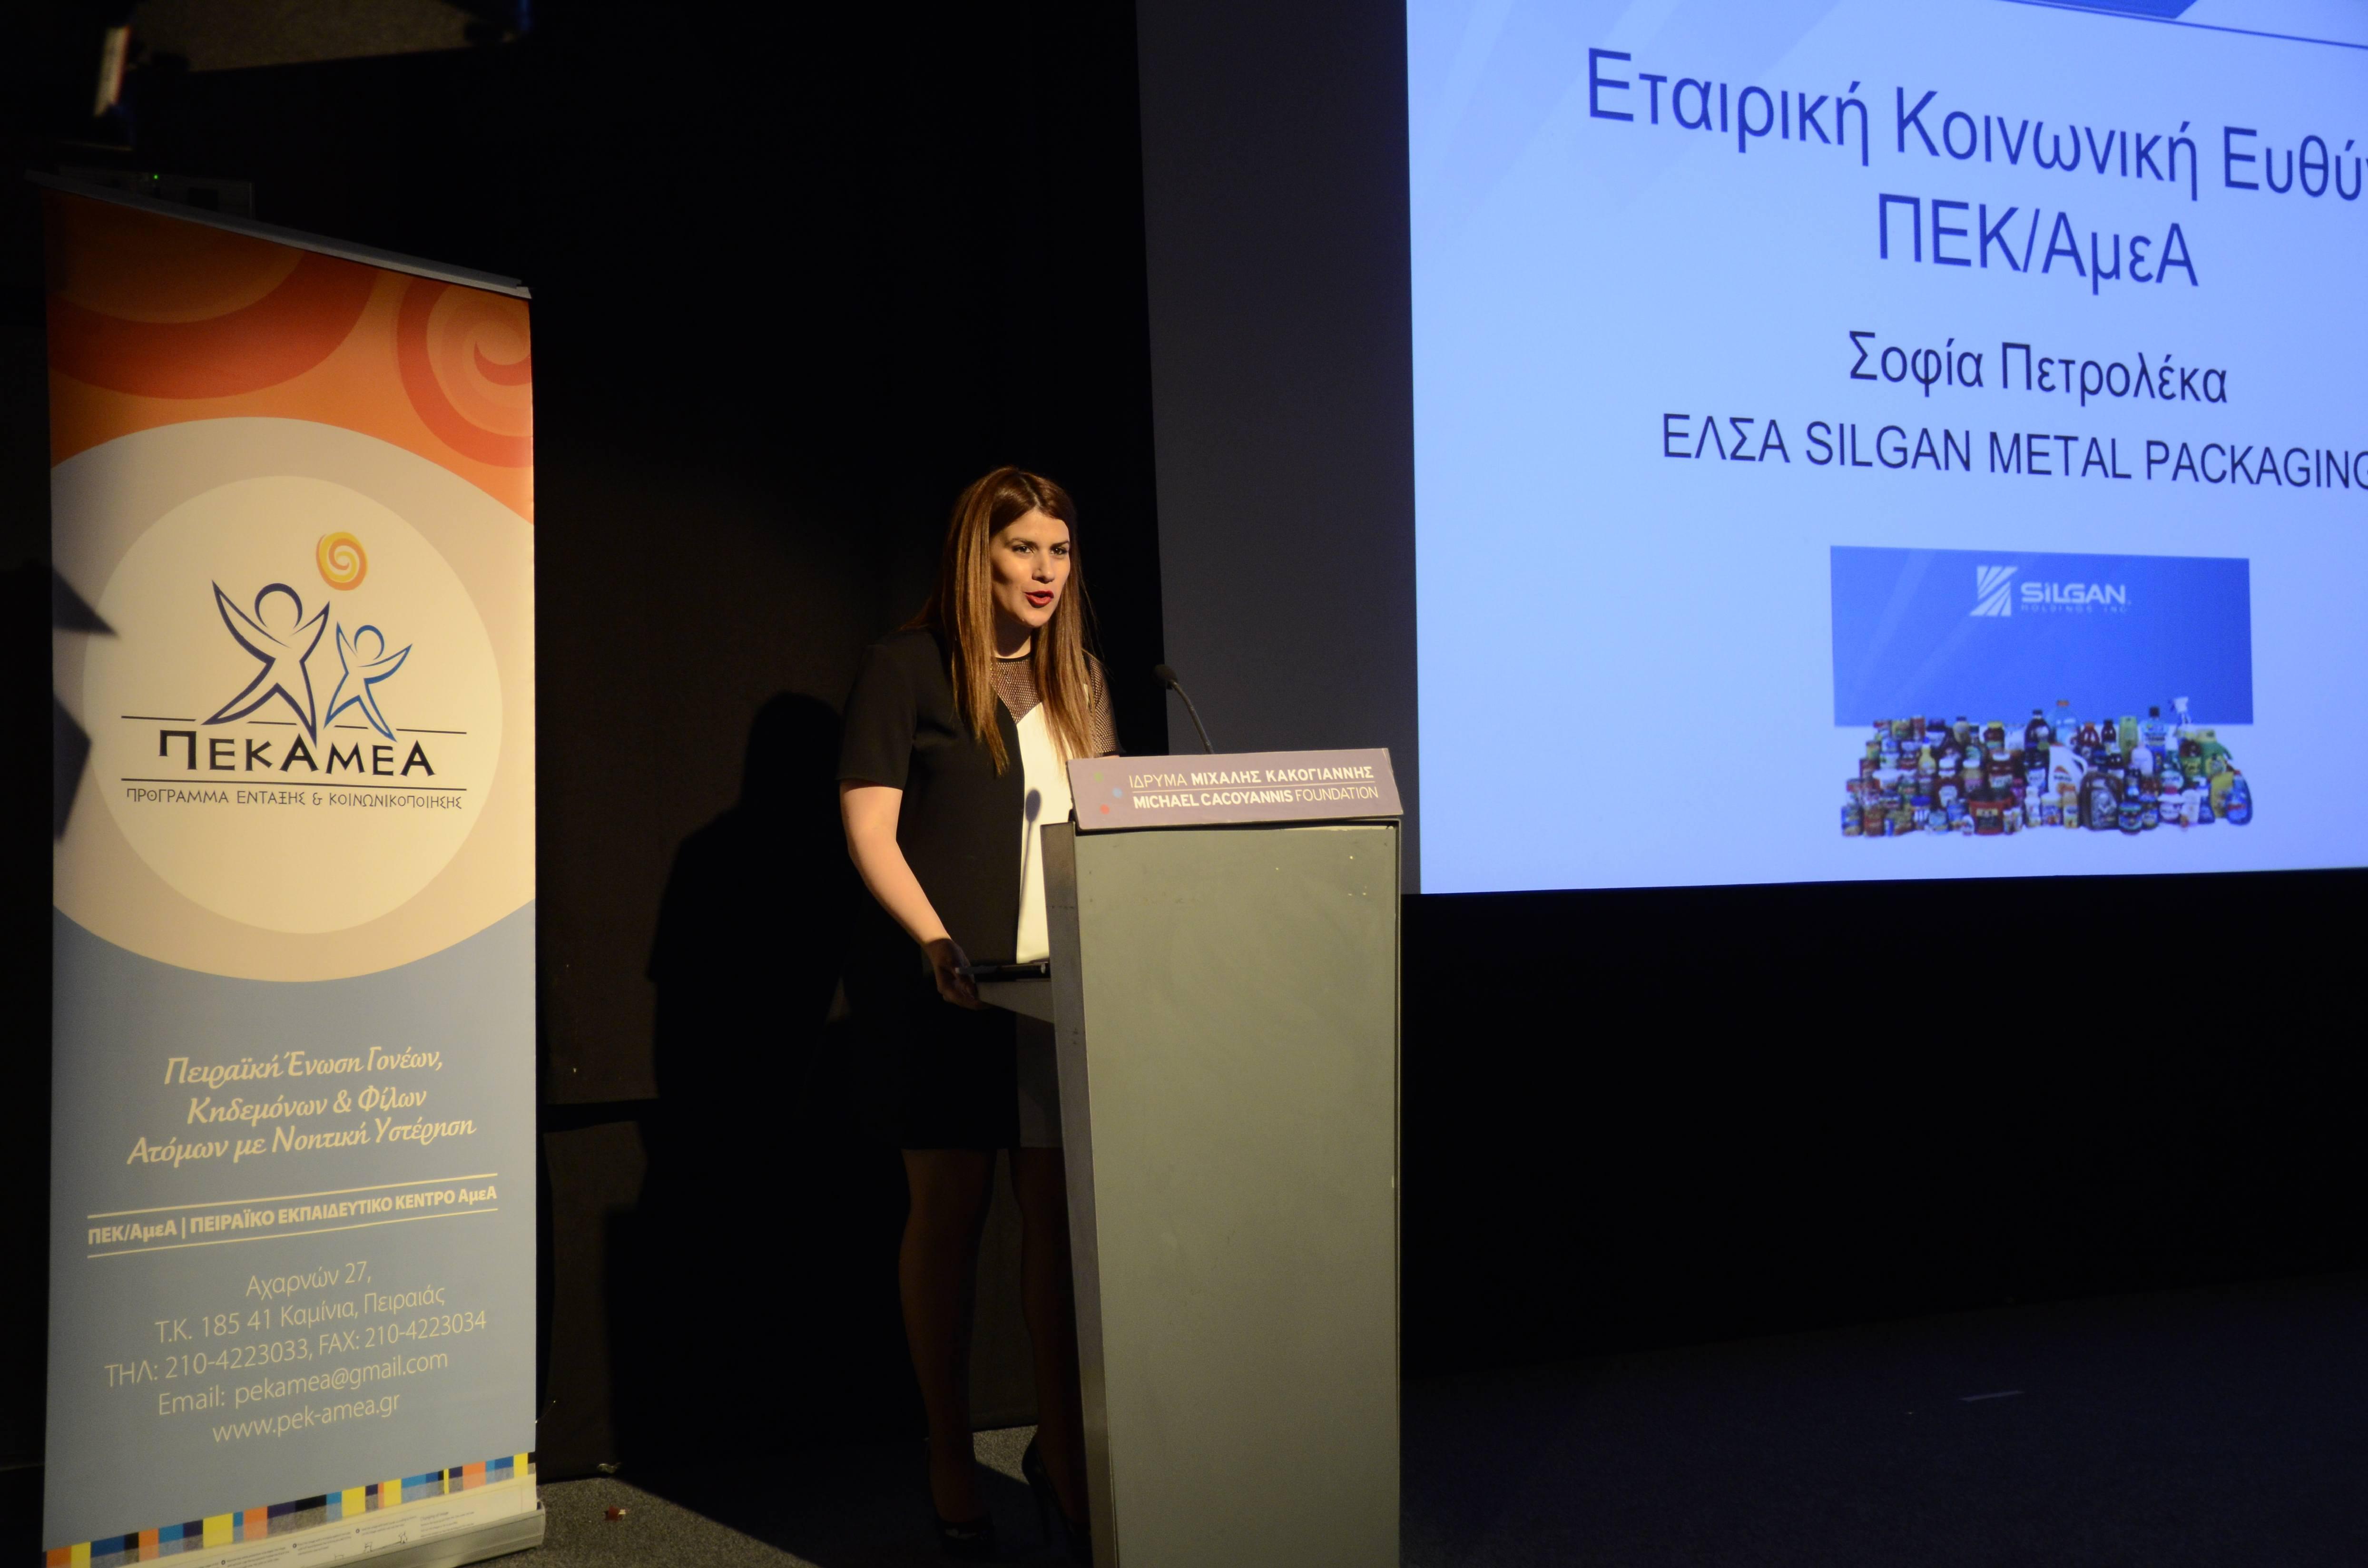 """Η κα Σοφία Πετρολέκα, HR Coordinator της ΕΛΣΑ SILGAN SA - """"Επιχείρηση και Κοινωνική Ευθύνη"""""""